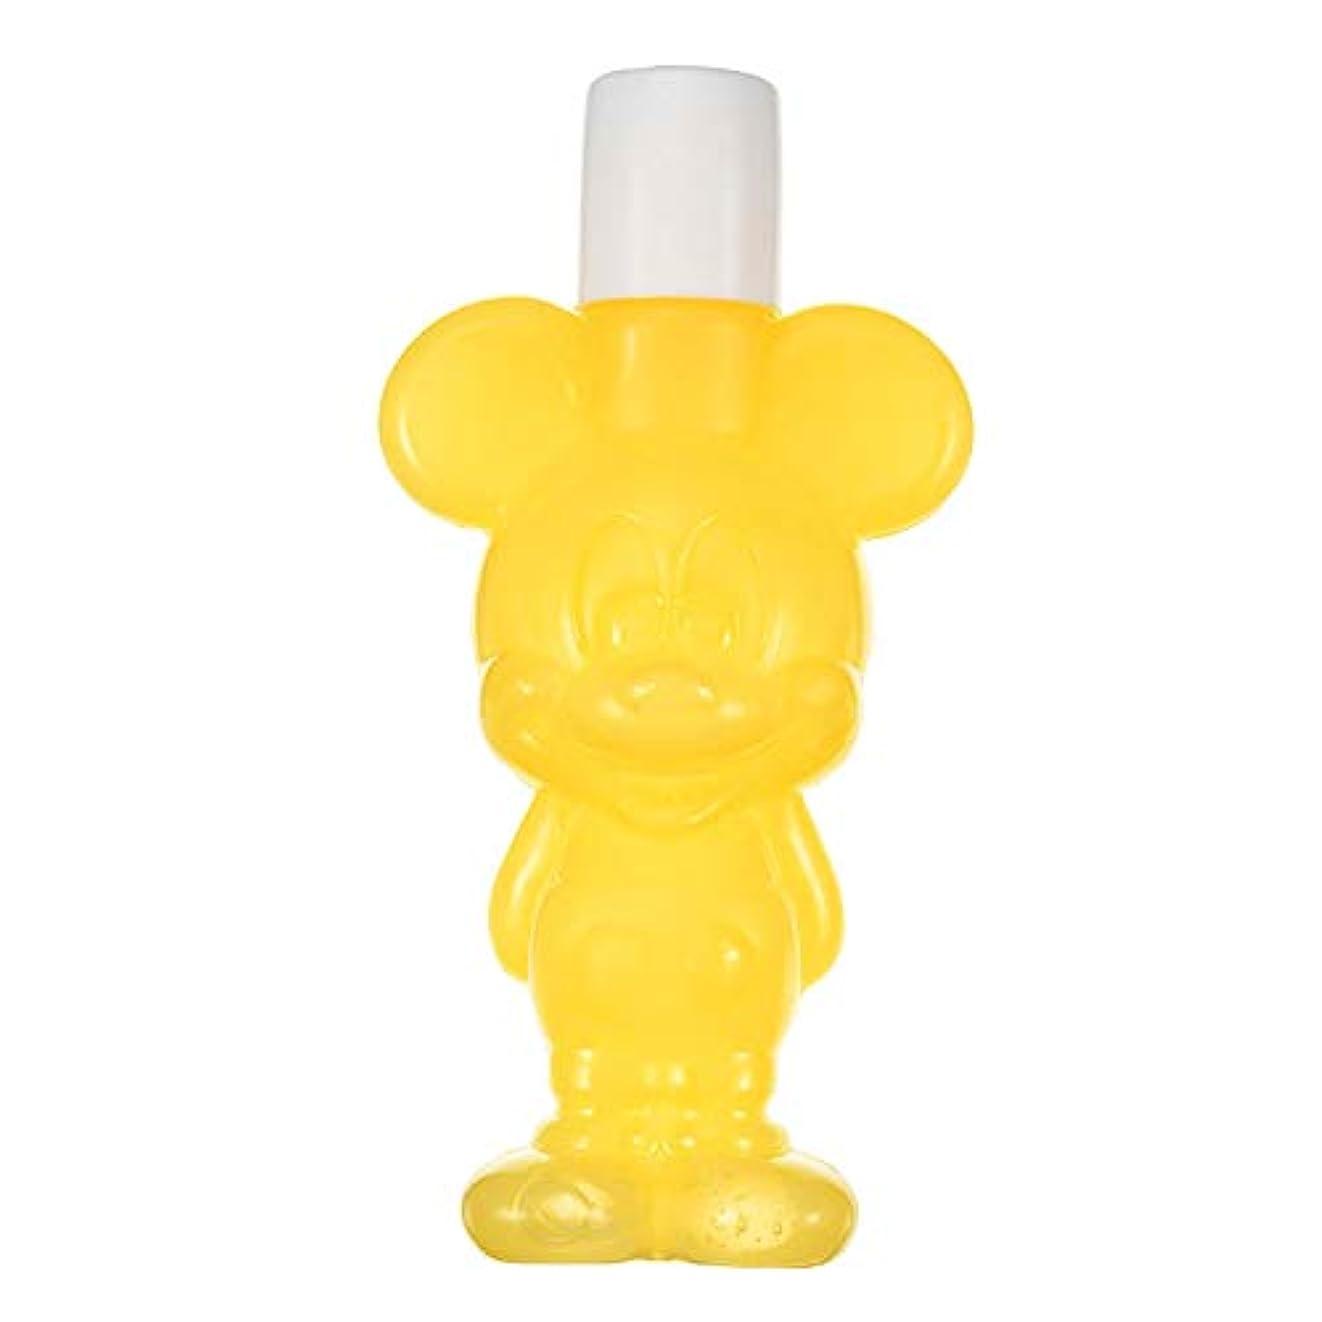 起こる動機付けるバンガローディズニーストア(公式)保湿ジェル ミッキー イエロー Gummy Candy Cosme